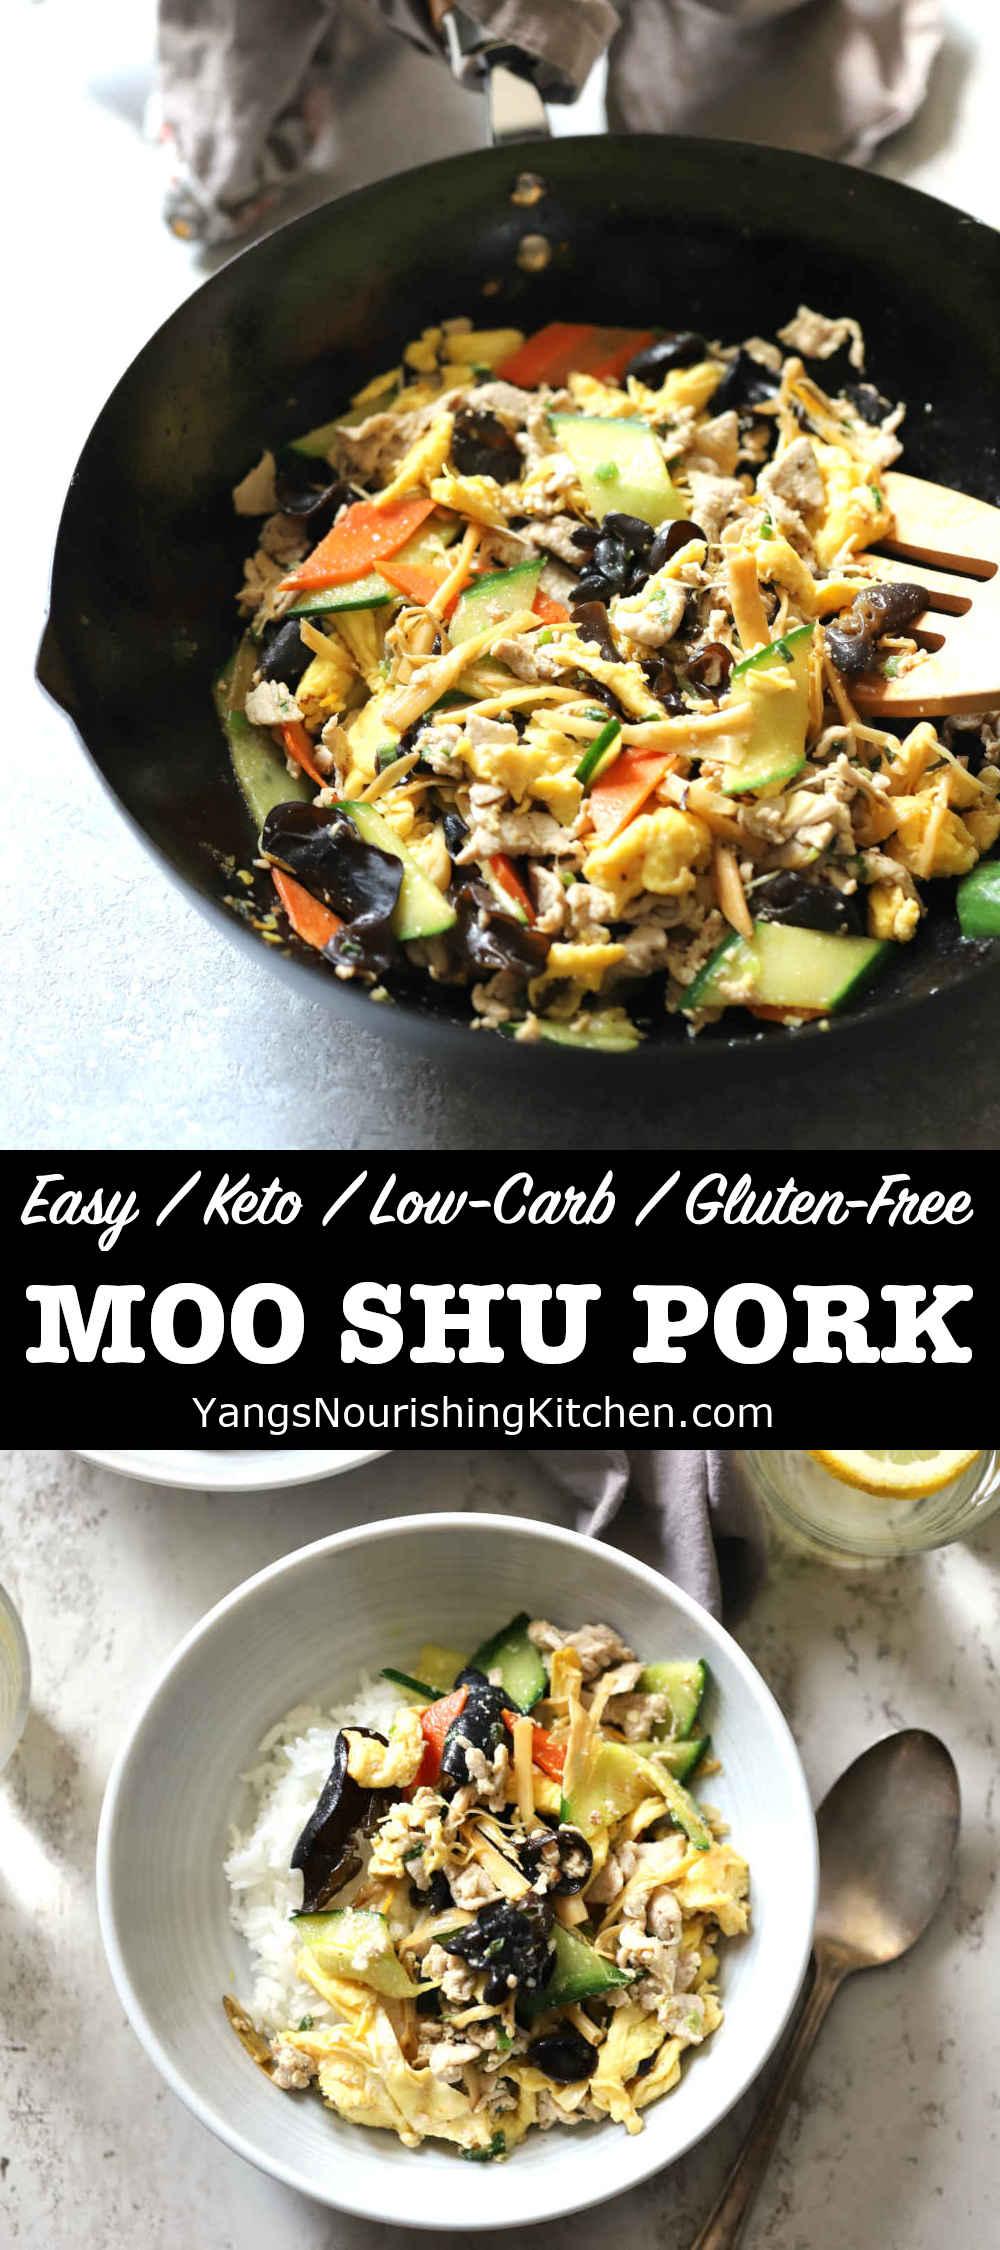 Moo Shu Pork (Keto, Low-Carb)